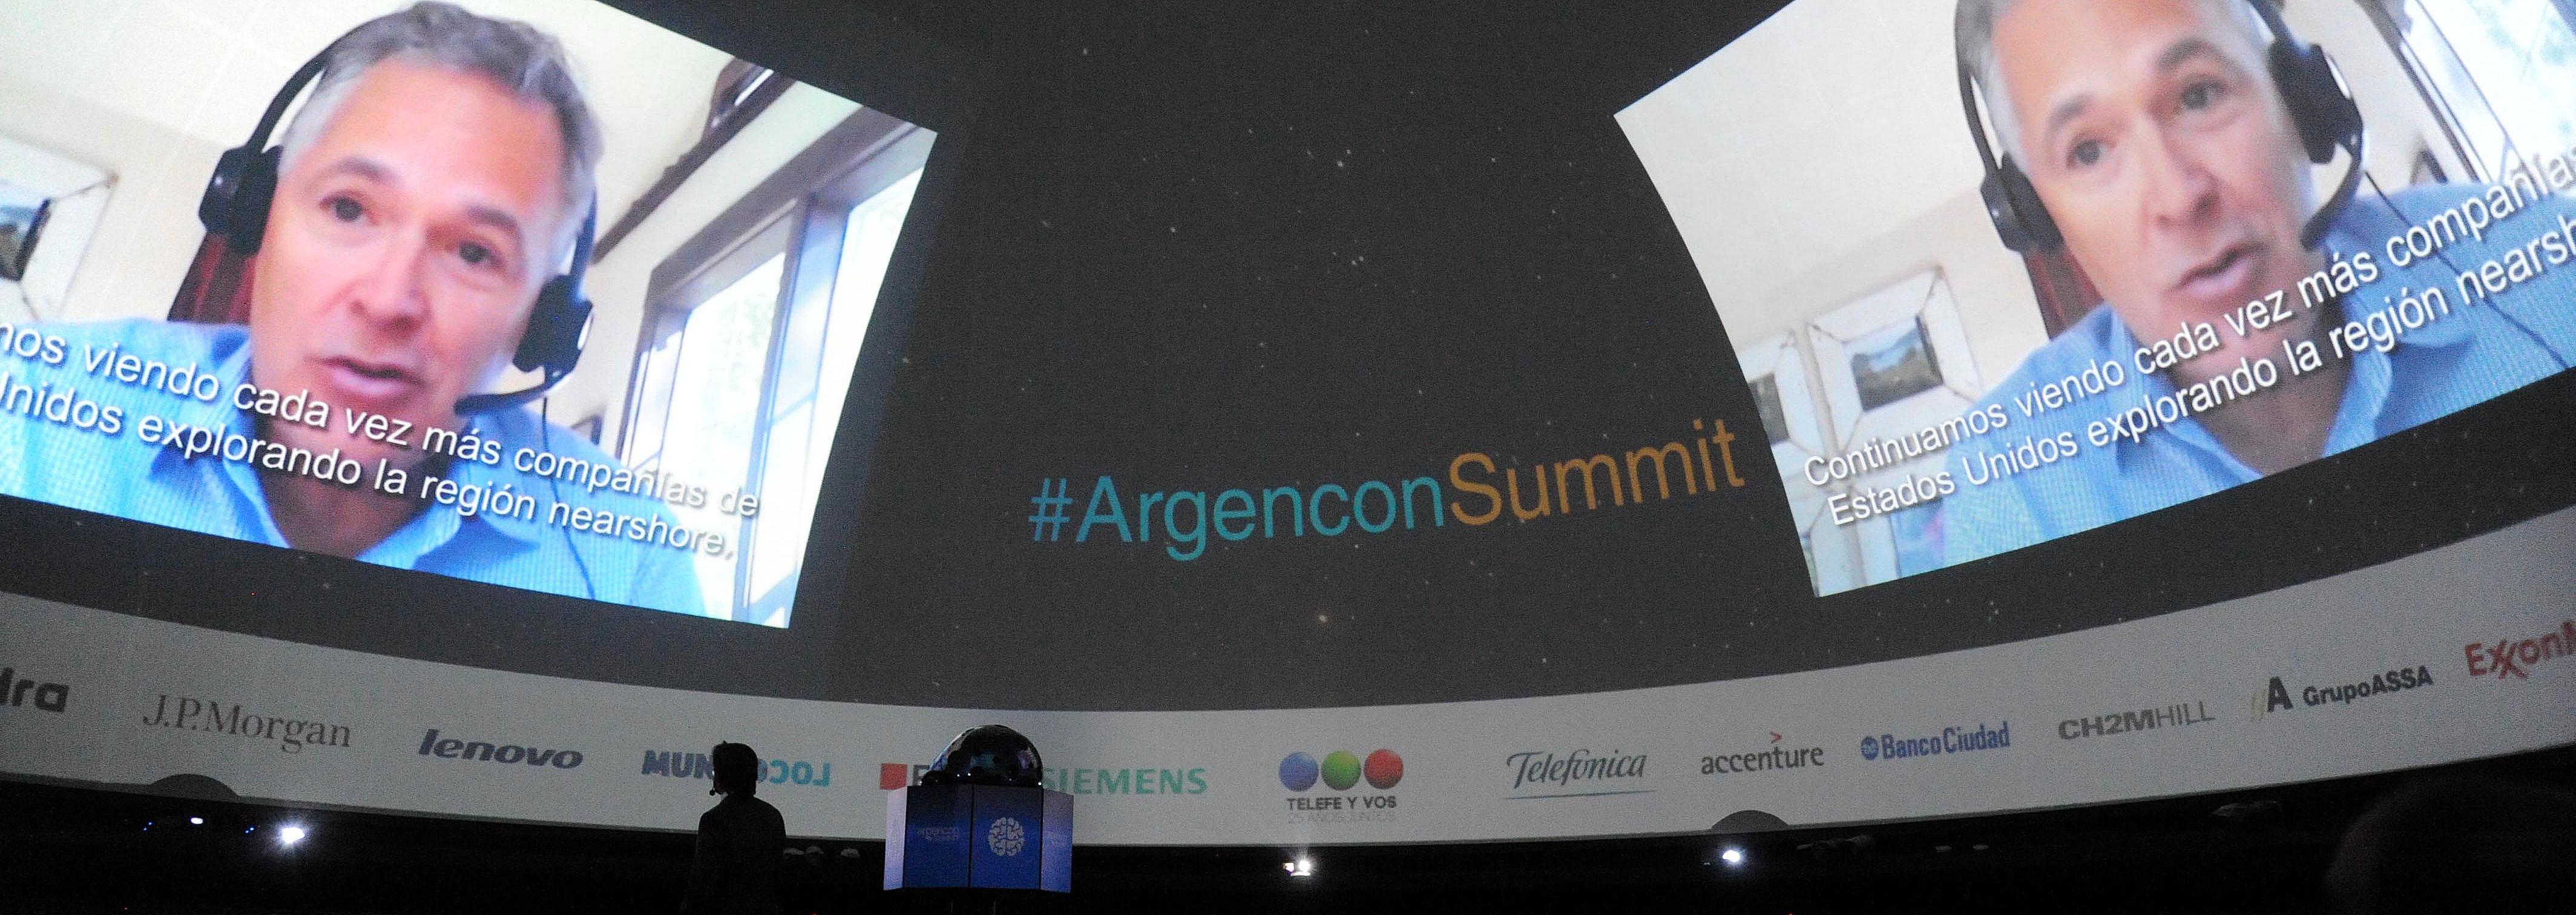 Argencom Summit 2015: agregar valor a través del conocimiento